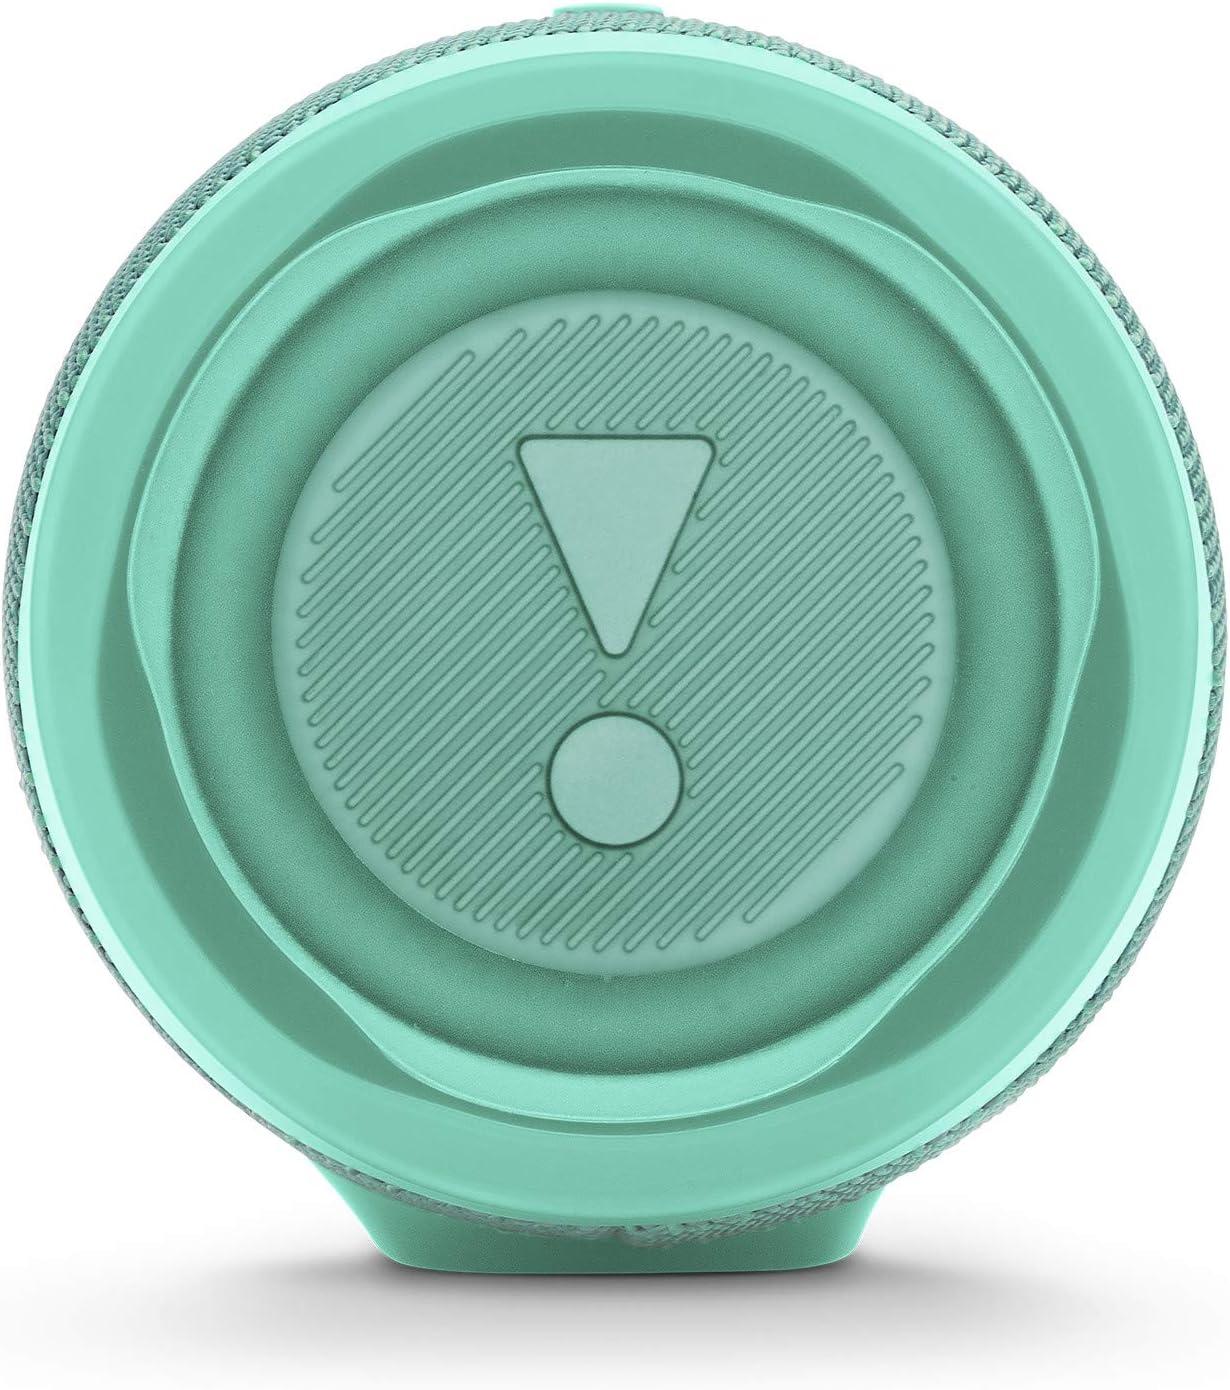 JBL Charge 4 Teal Waterproof Portable Bluetooth Speaker